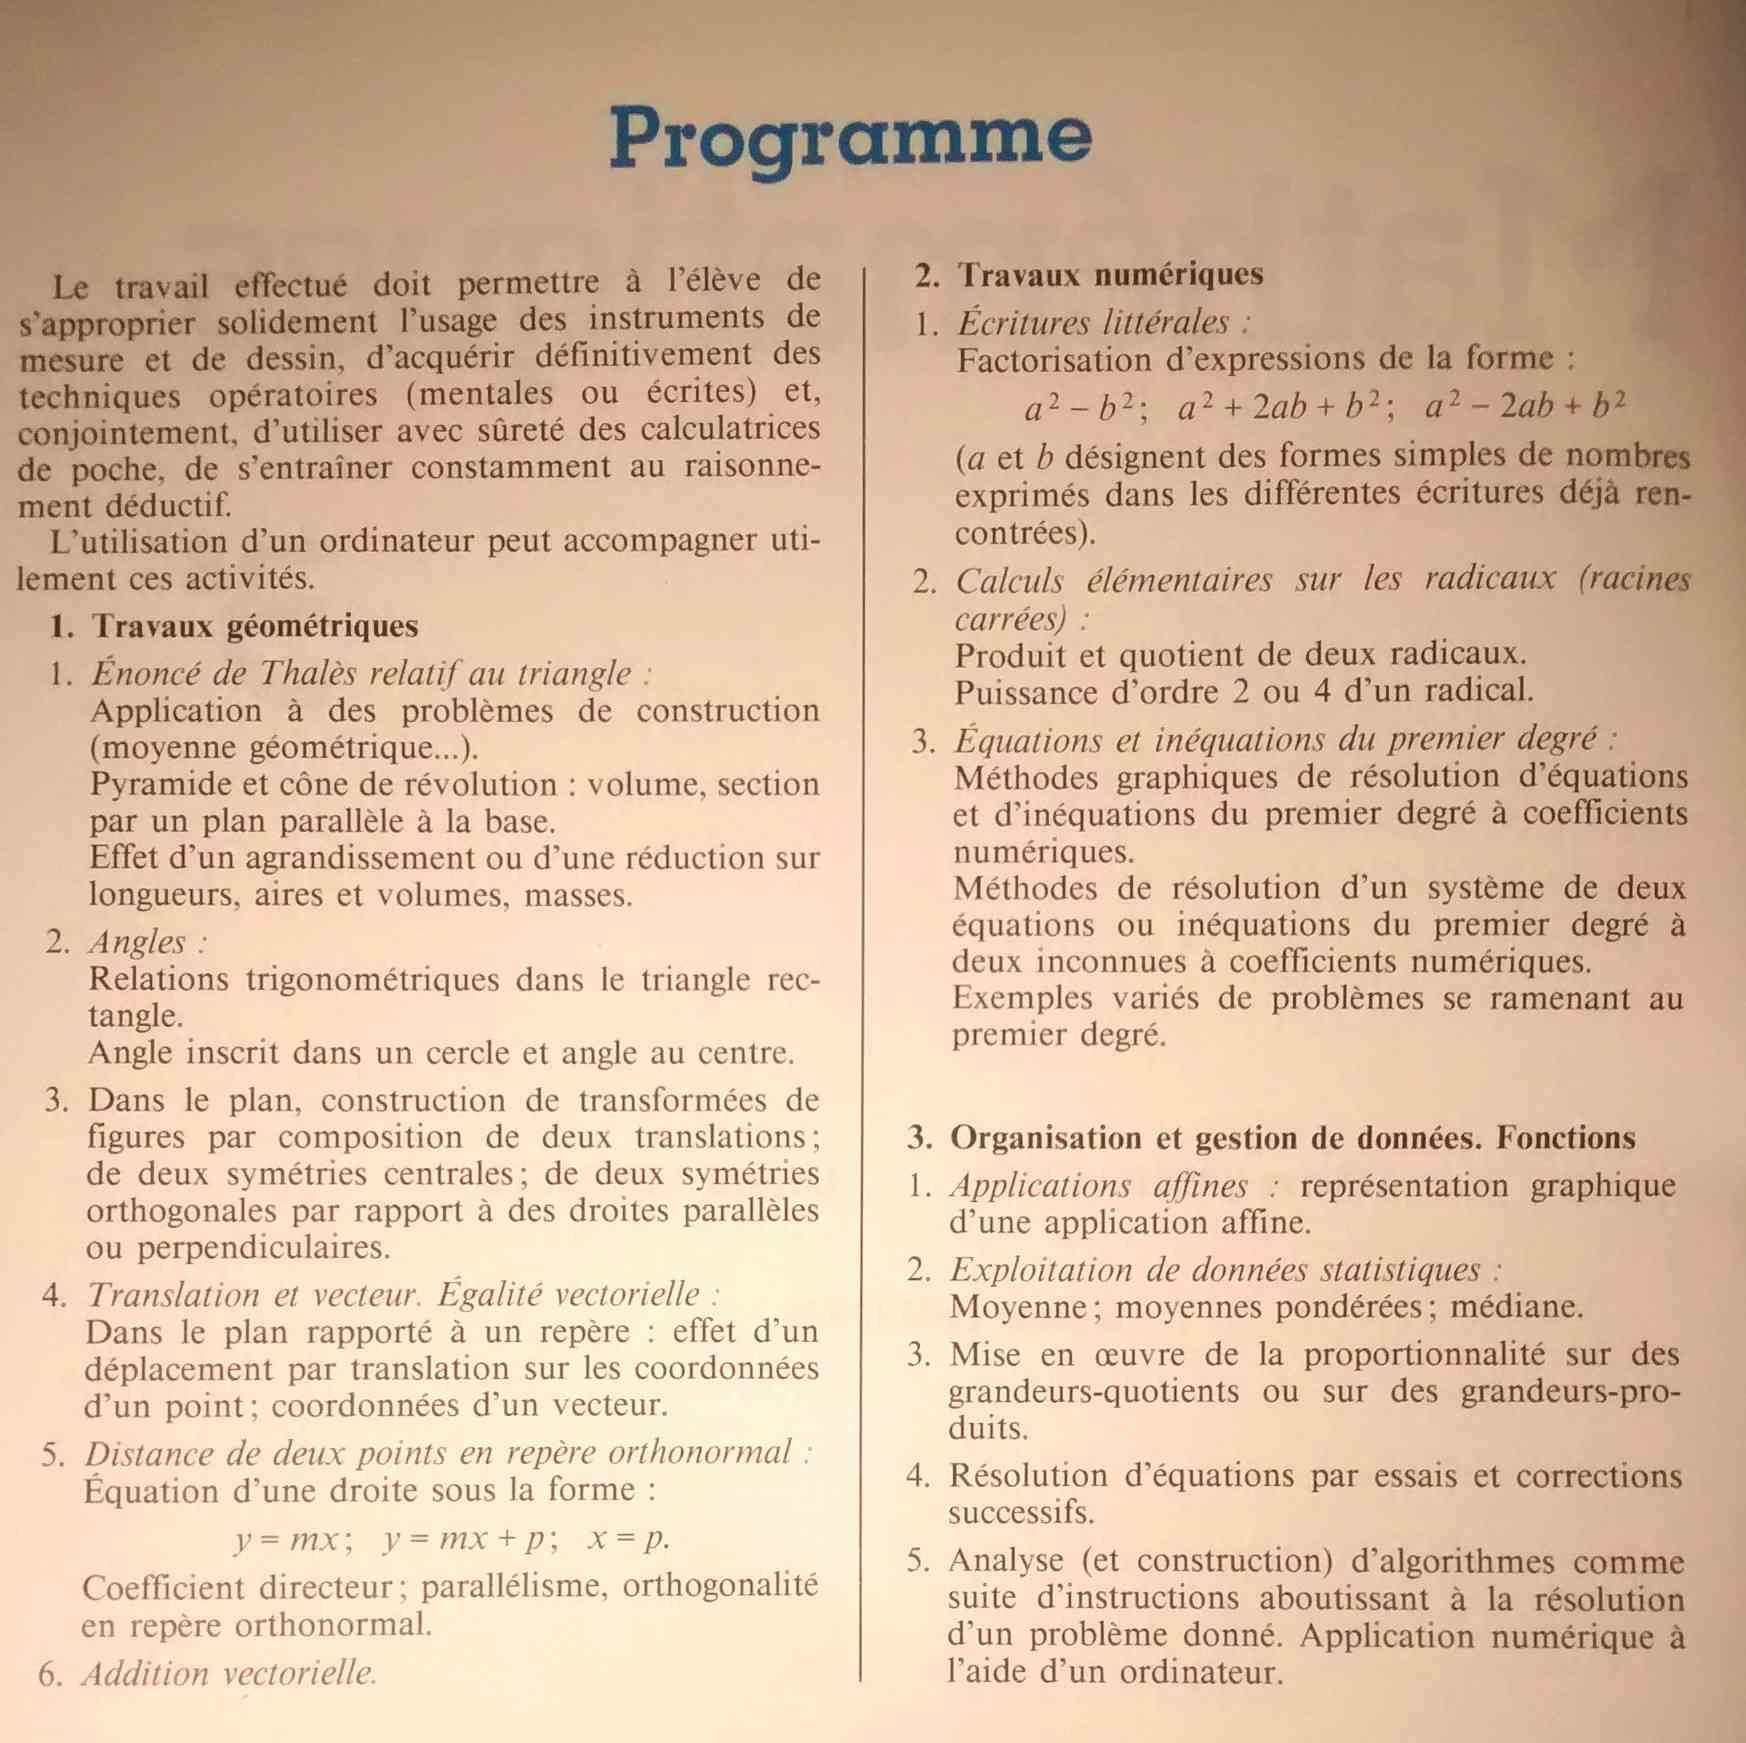 [Sondage] Informatique dans le programme de mathématiques - Page 3 Img_2010